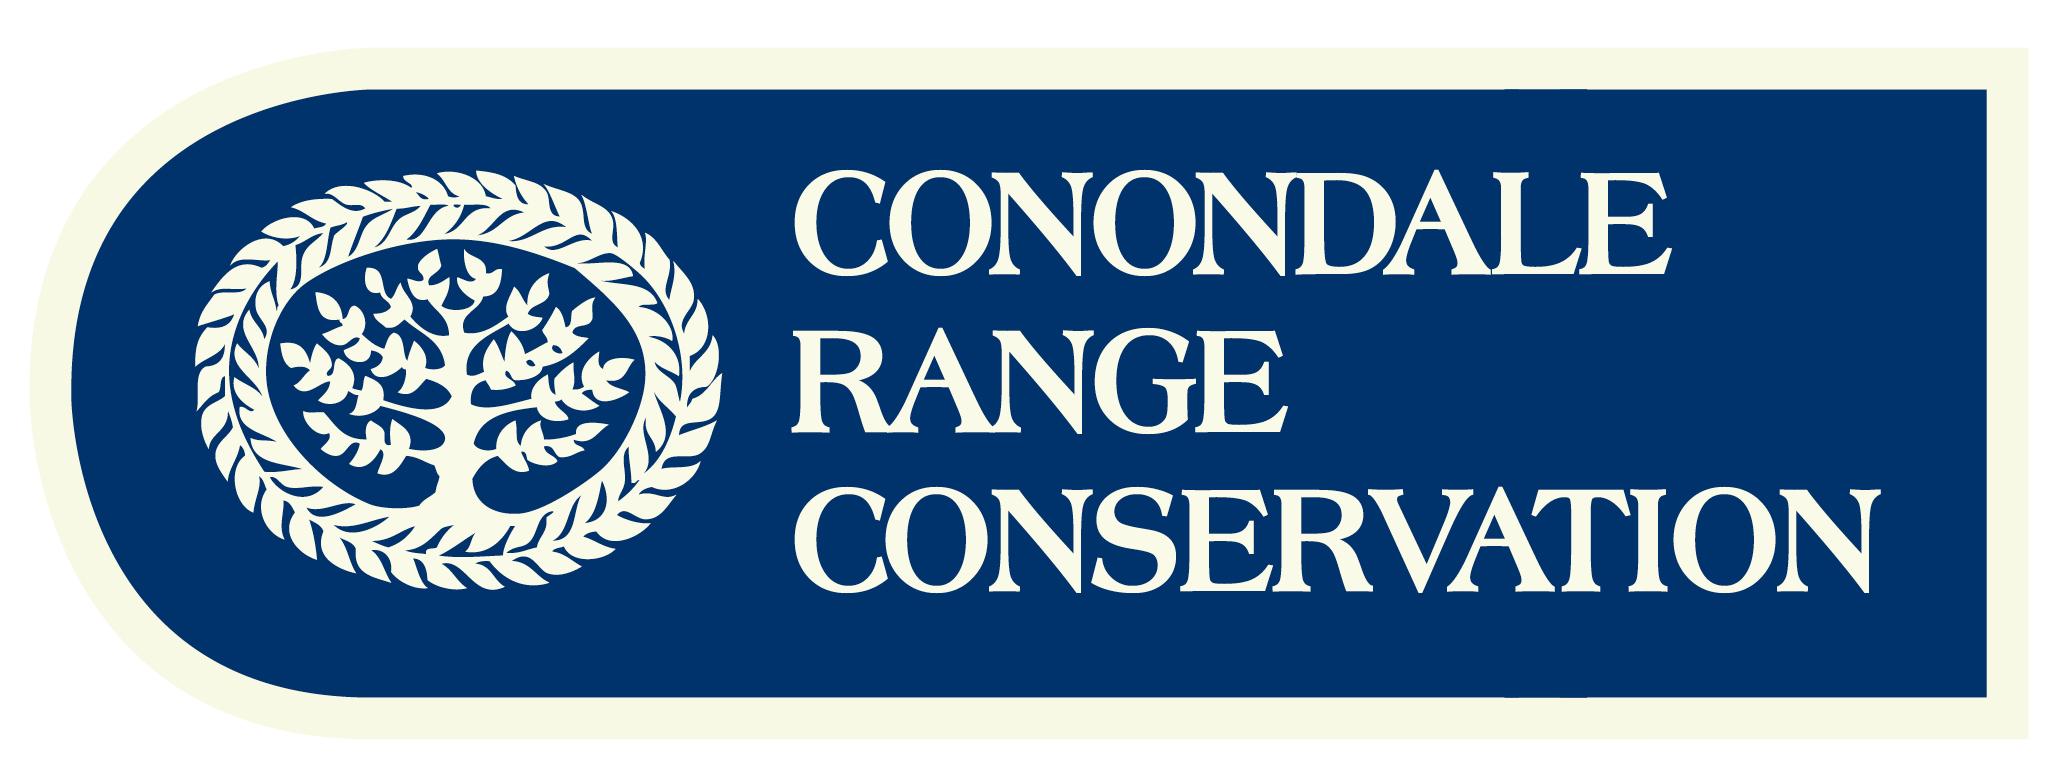 Conondale Range Conservation - SCEC